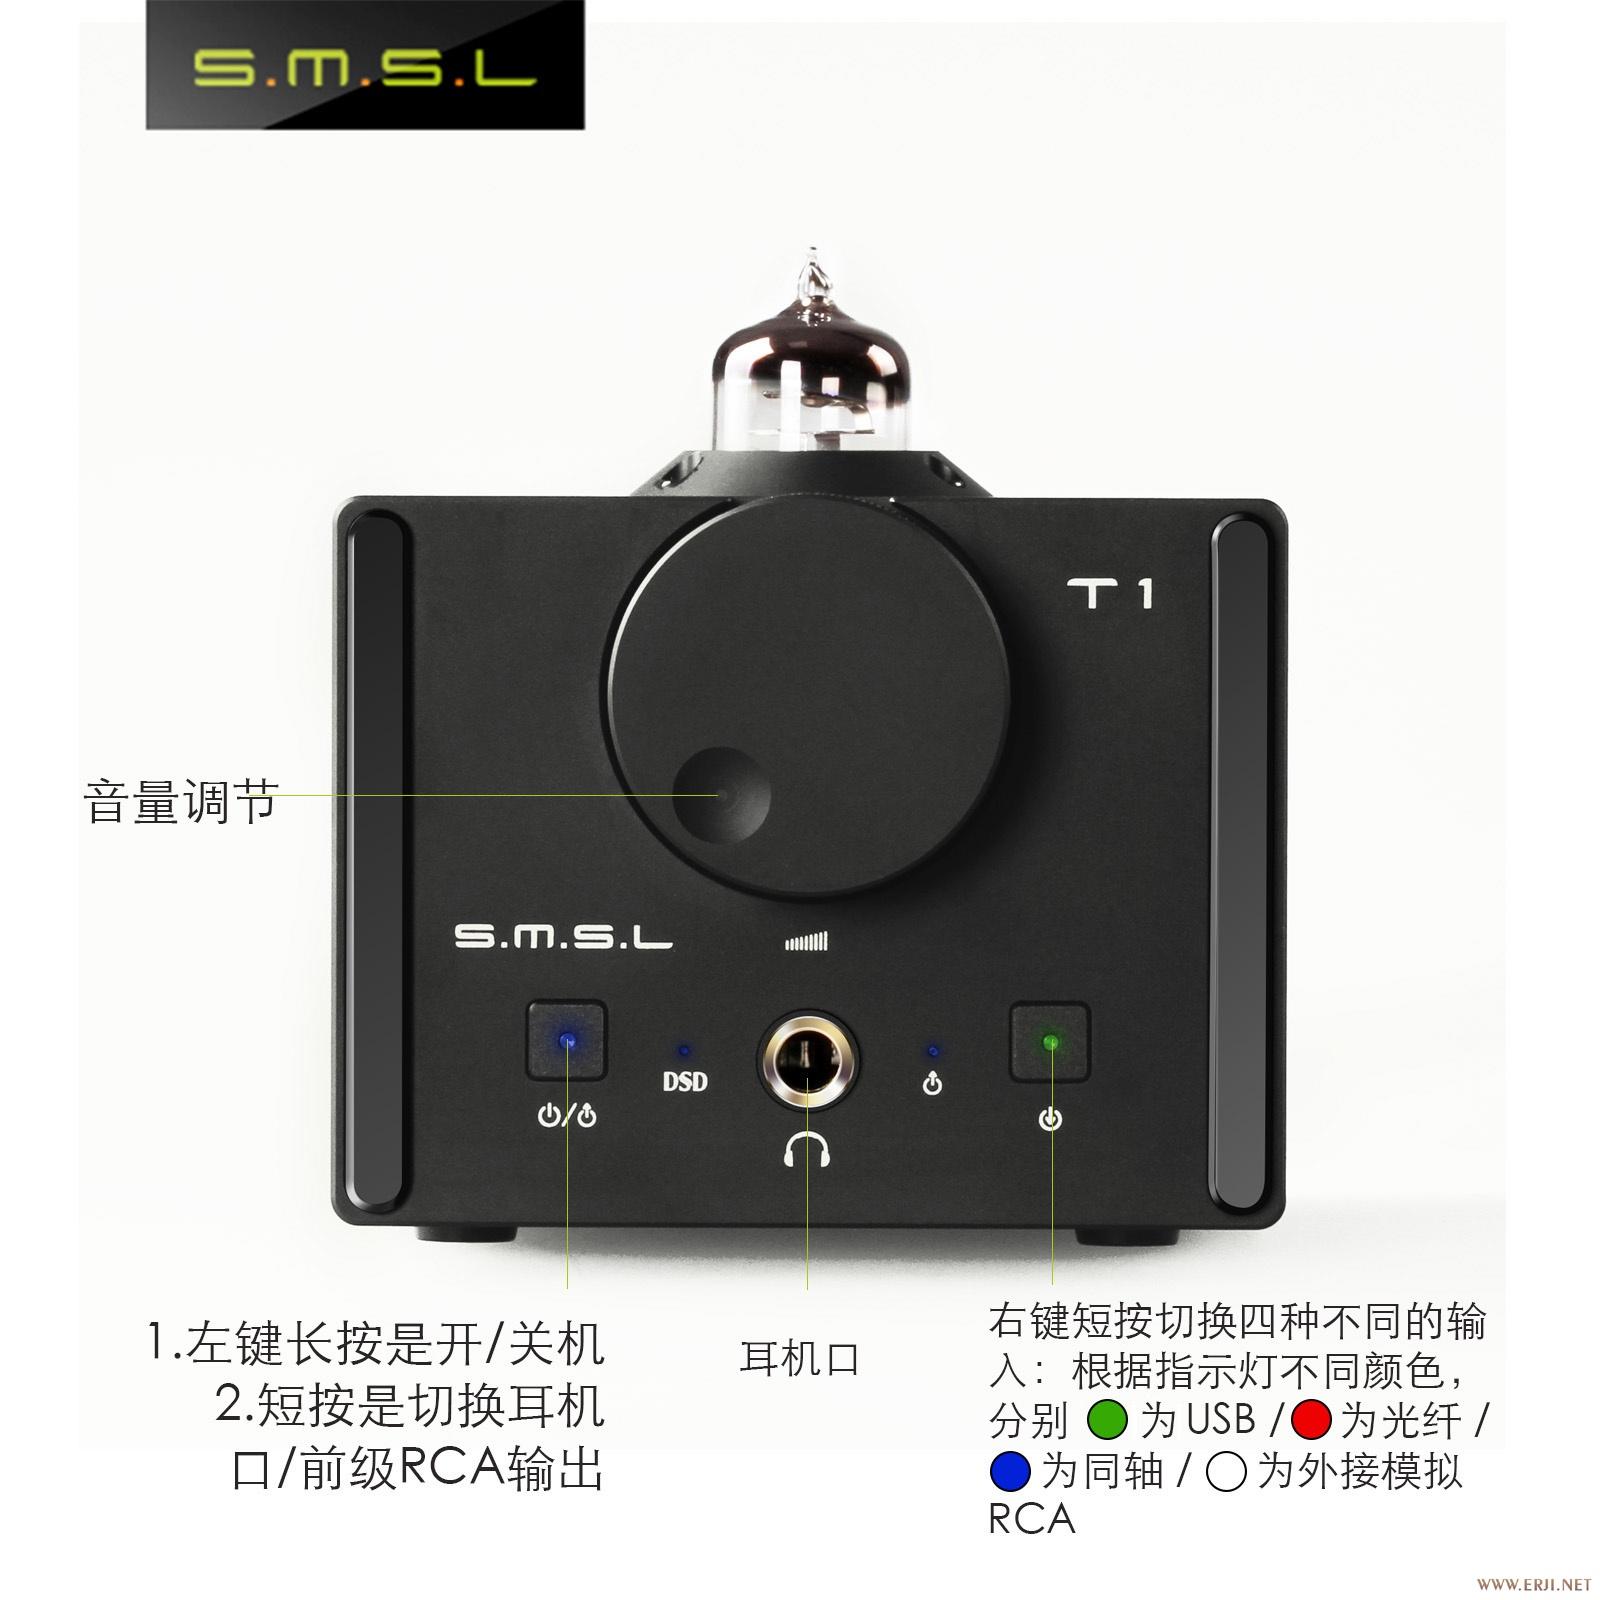 月光宝盒Z6发烧DSD原生硬解mp3播放器怎么样-PChome